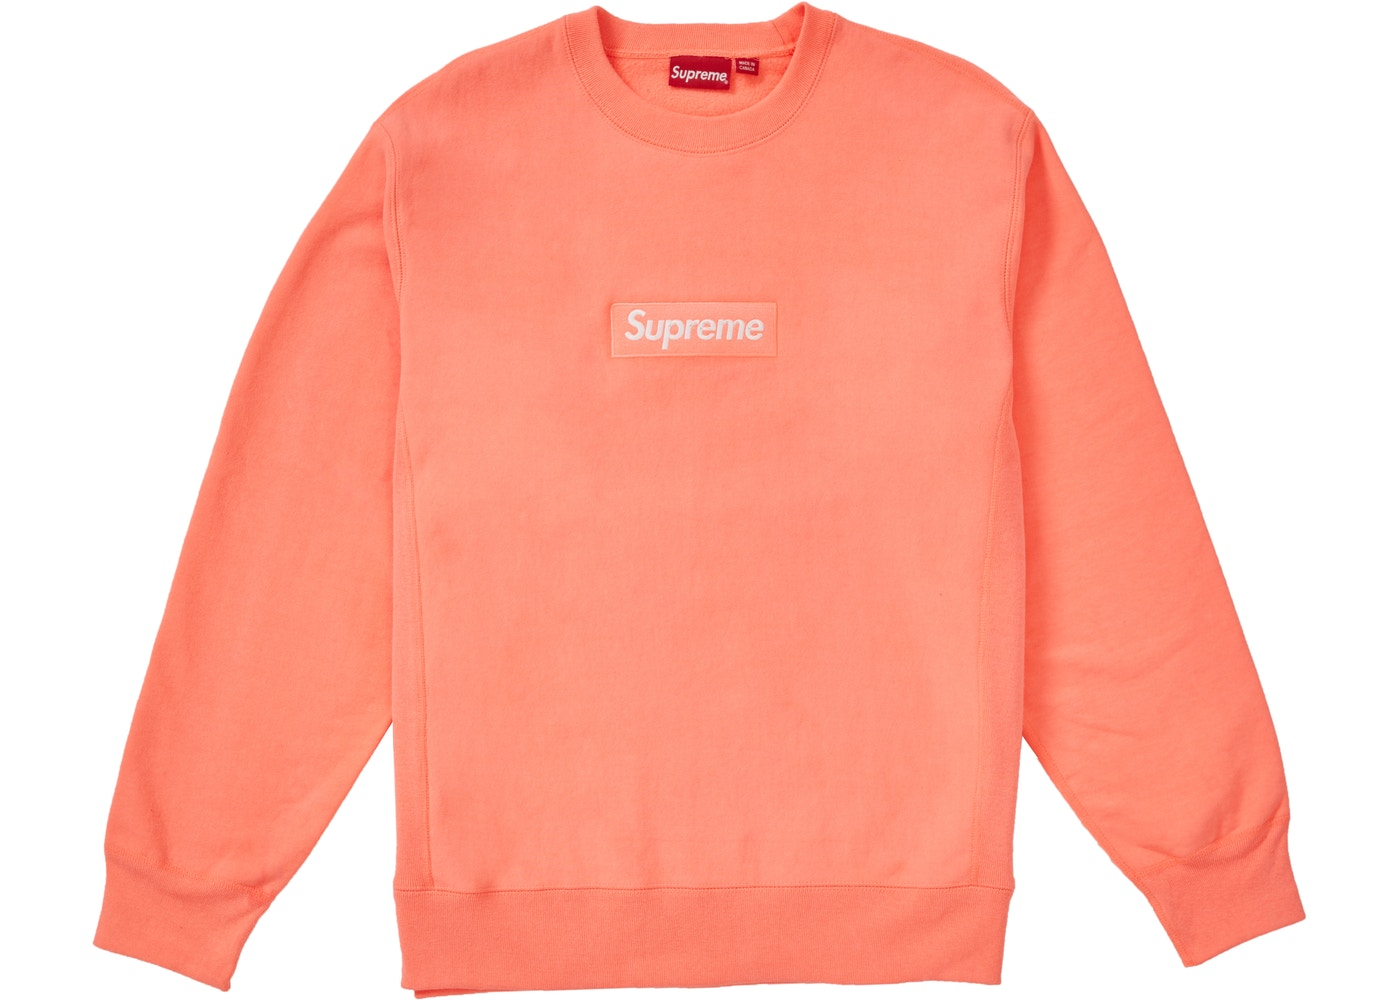 00e5a7e01f00 Supreme Tops/Sweatshirts - Buy & Sell Streetwear